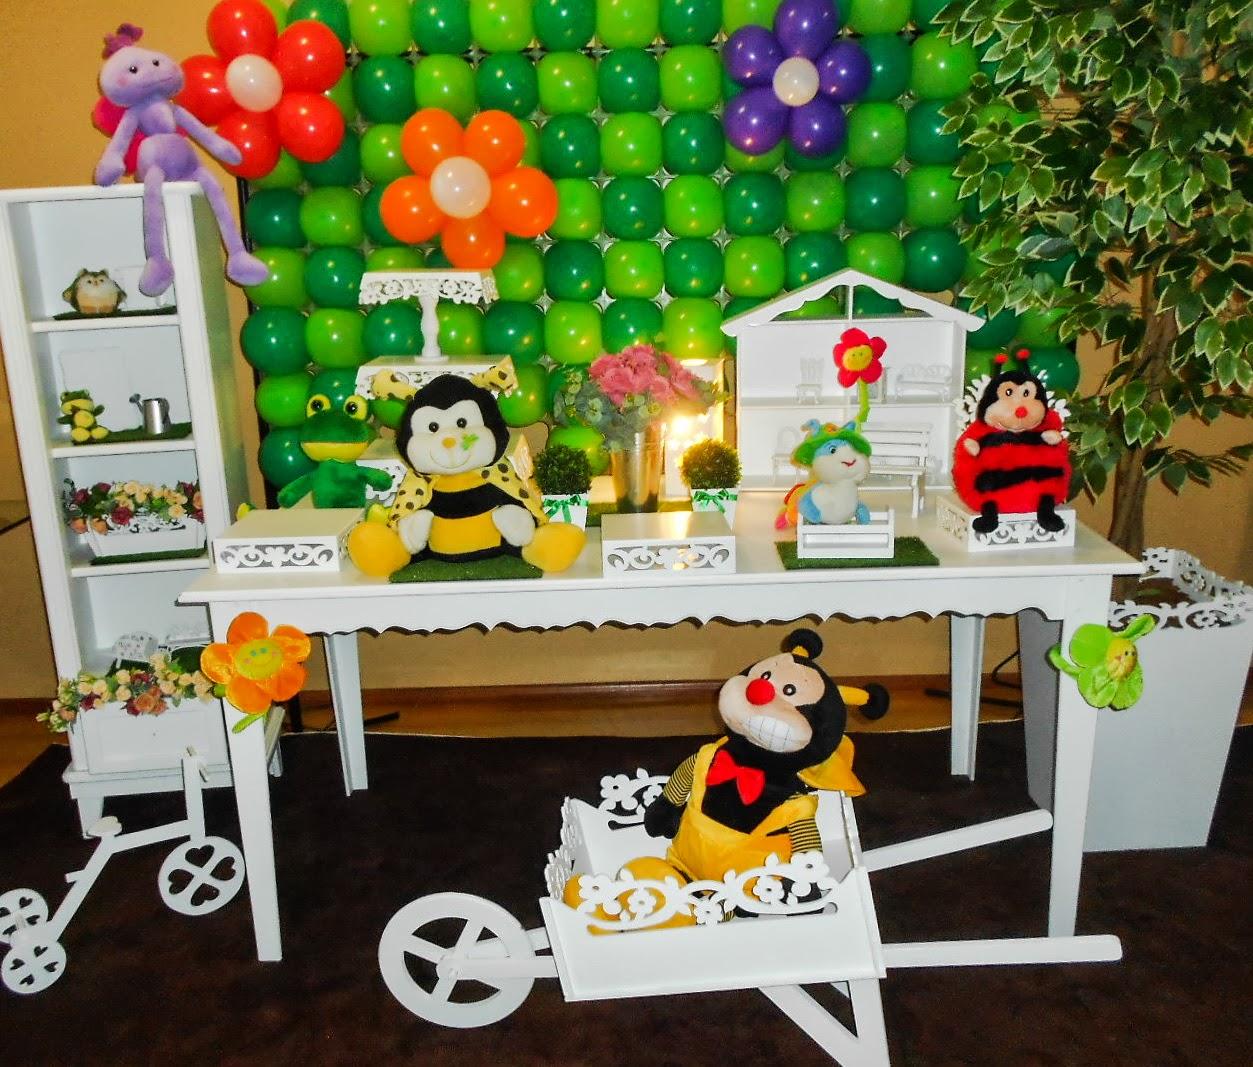 ideias de decoracao tema jardim:Uma fofura, com os bichinhos mais amados das crianças!